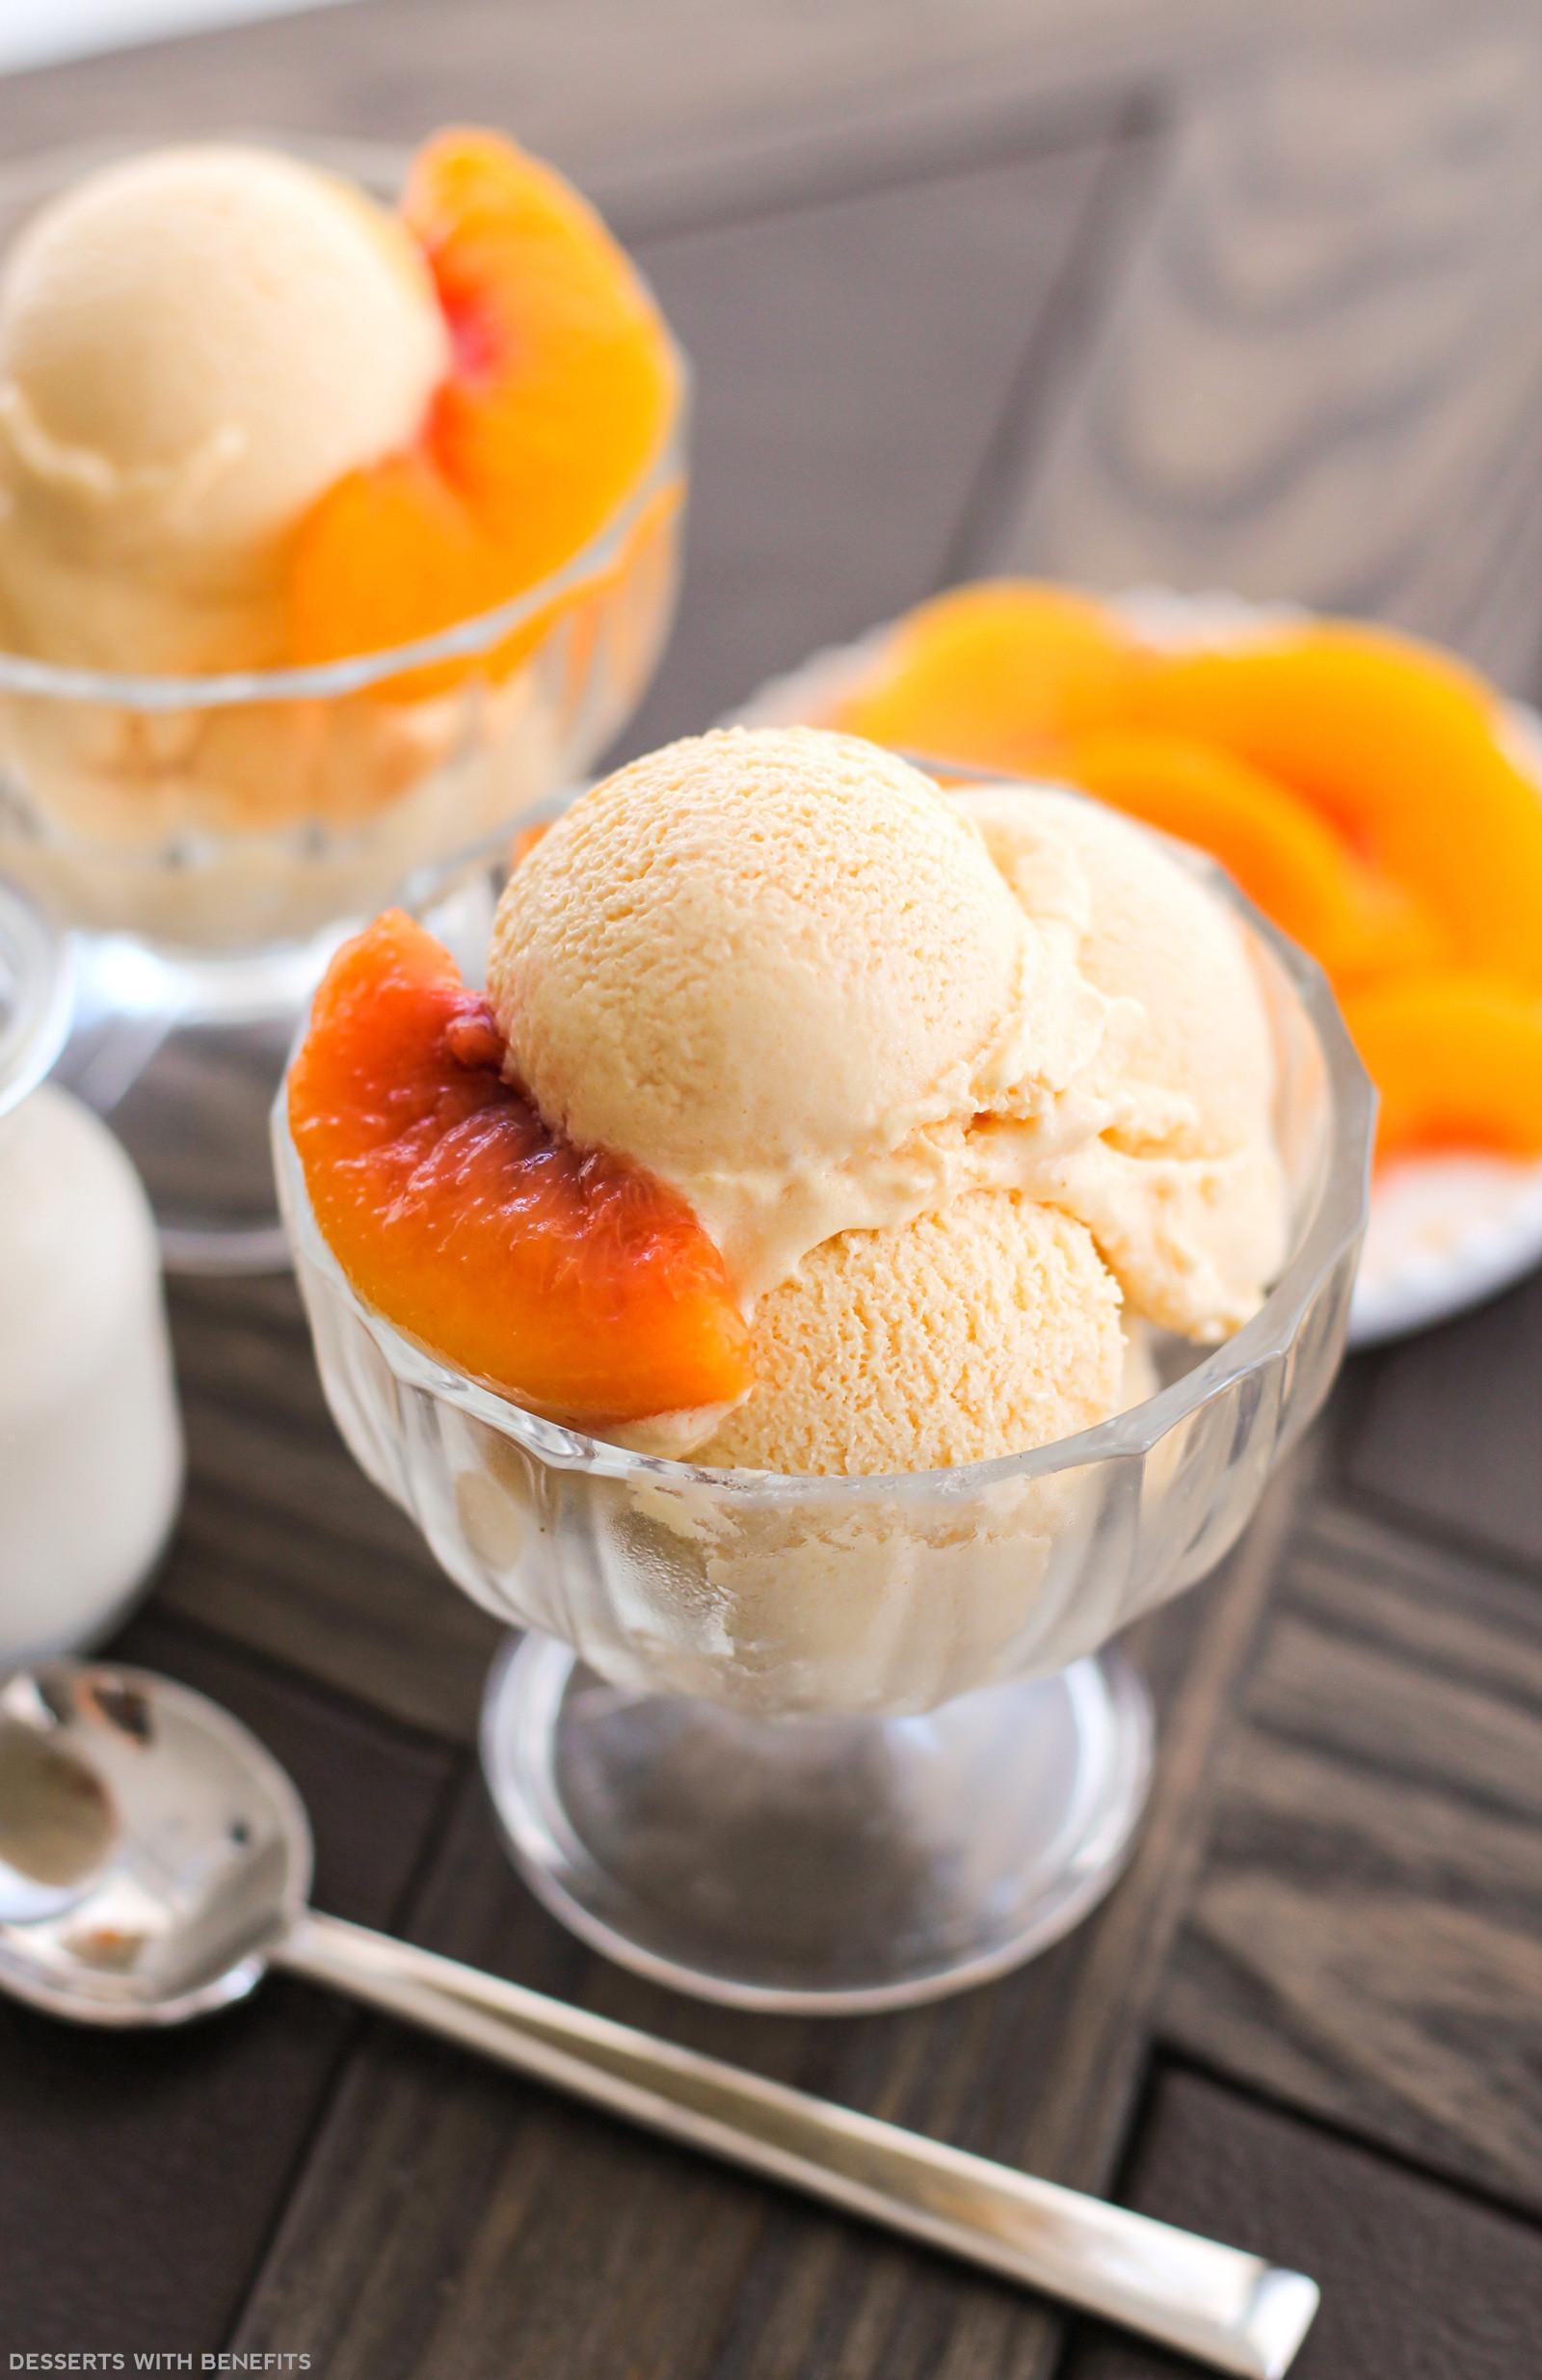 Peach Recipes Healthy  Healthy Peaches and Cream Ice Cream Recipe No Sugar Added